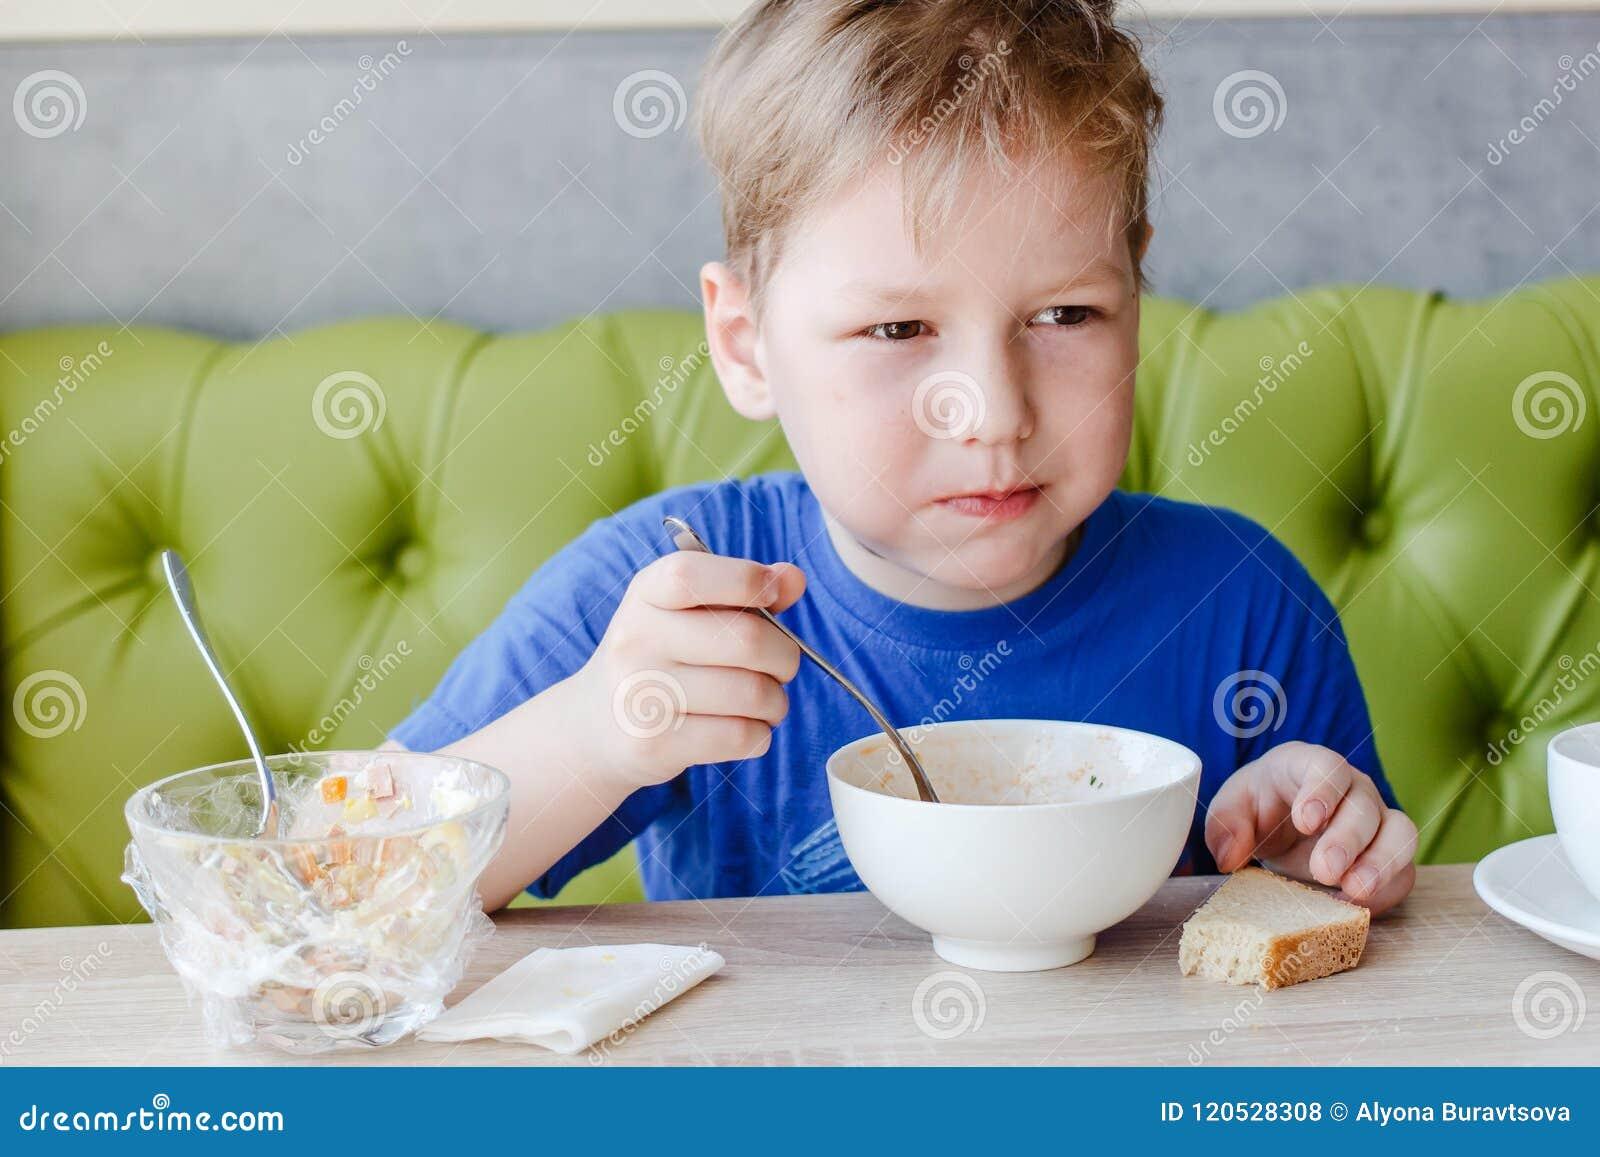 Le petit garçon est appétissant mangeant d une soupe délicieuse avec une grande cuillère